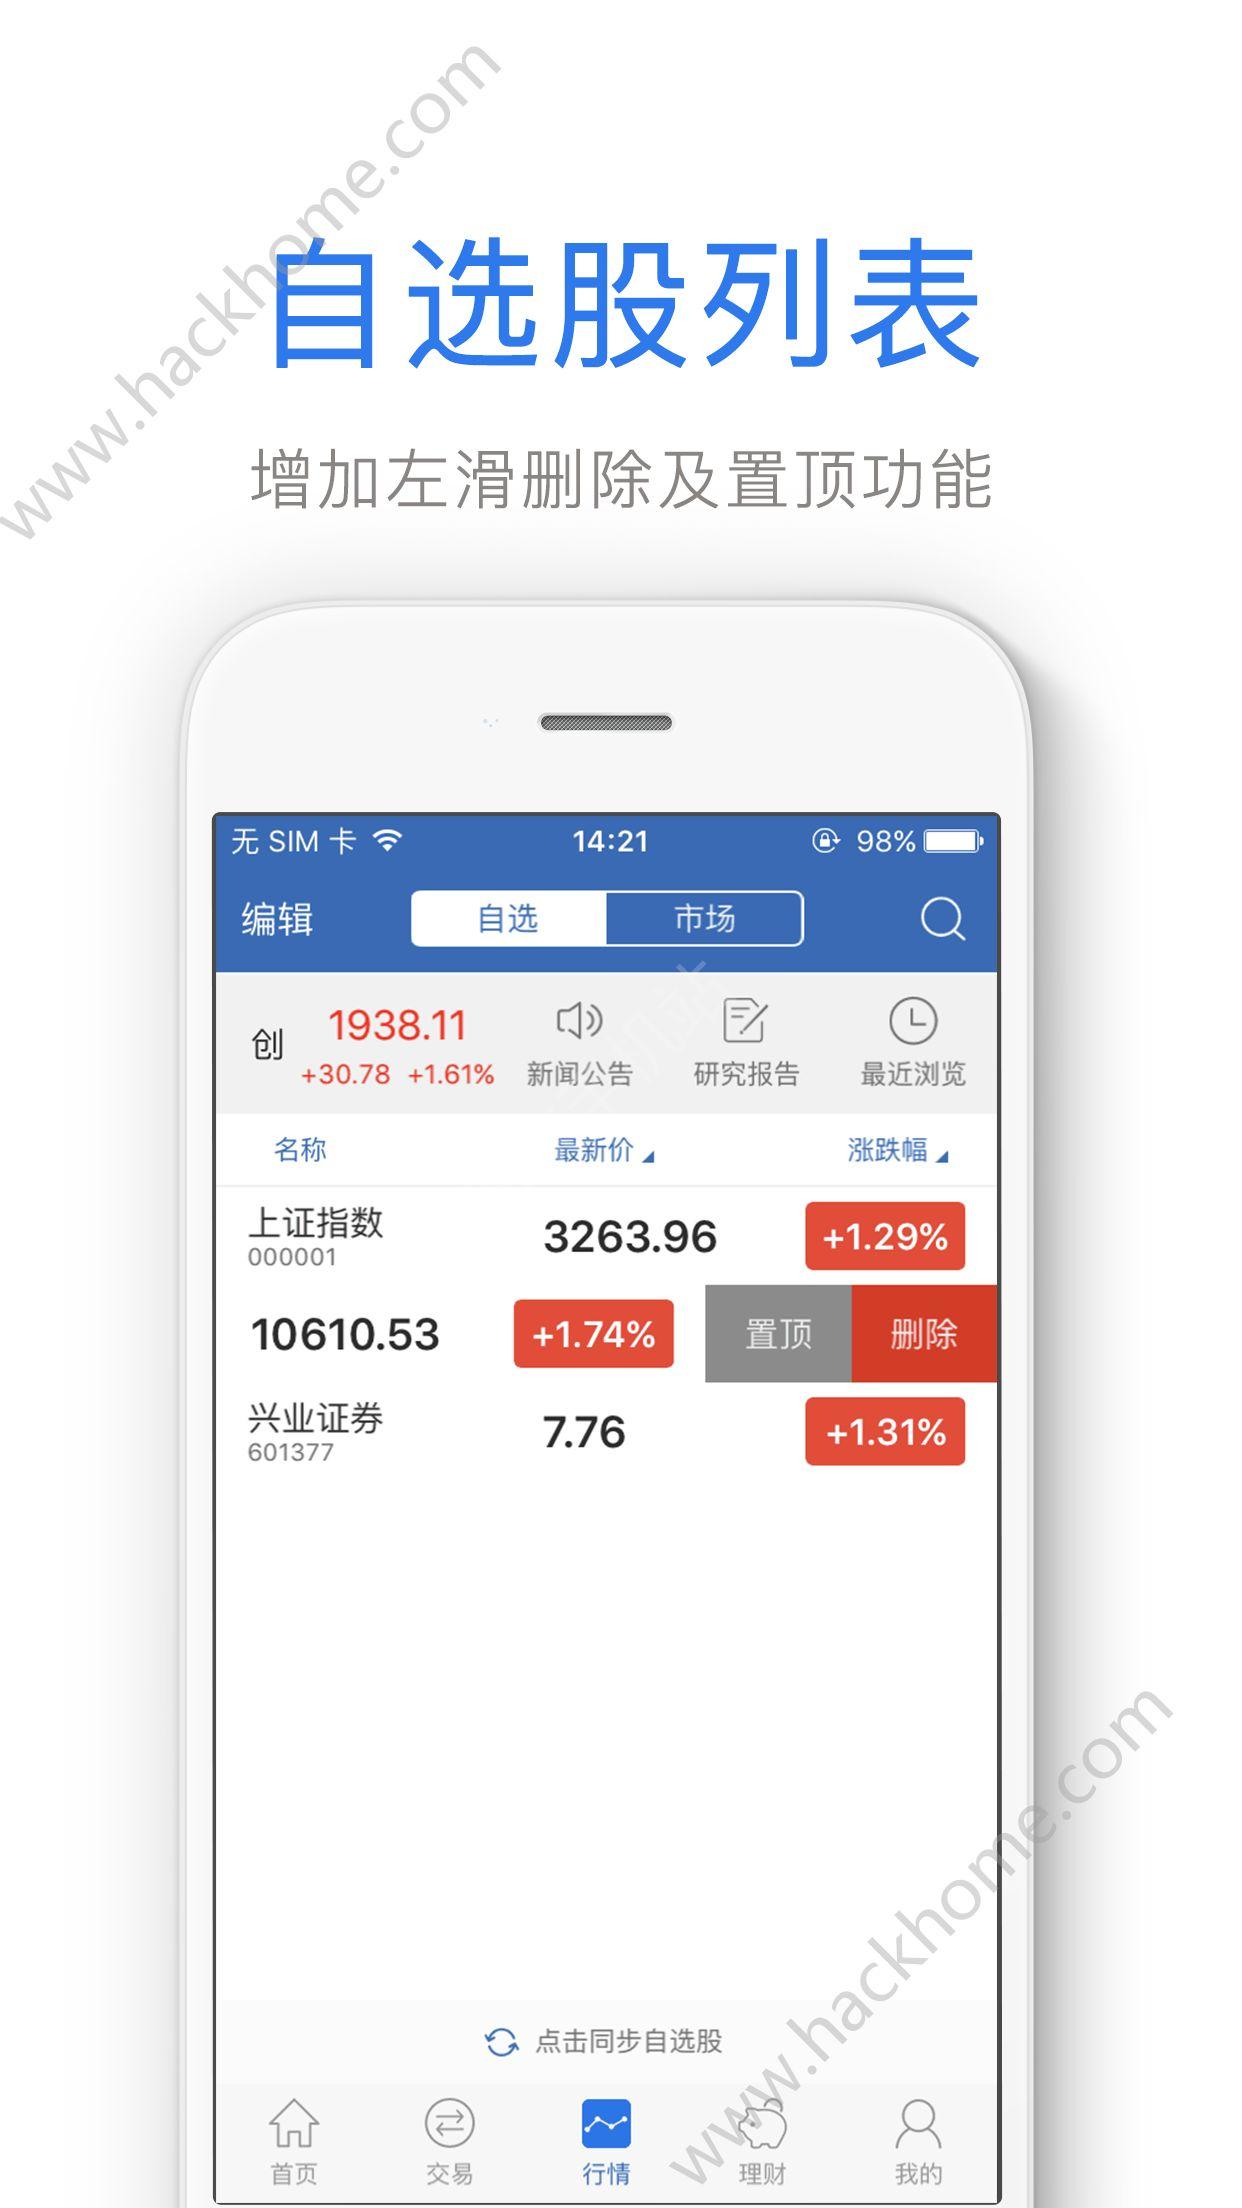 兴业证券优理宝手机版官方下载图2: